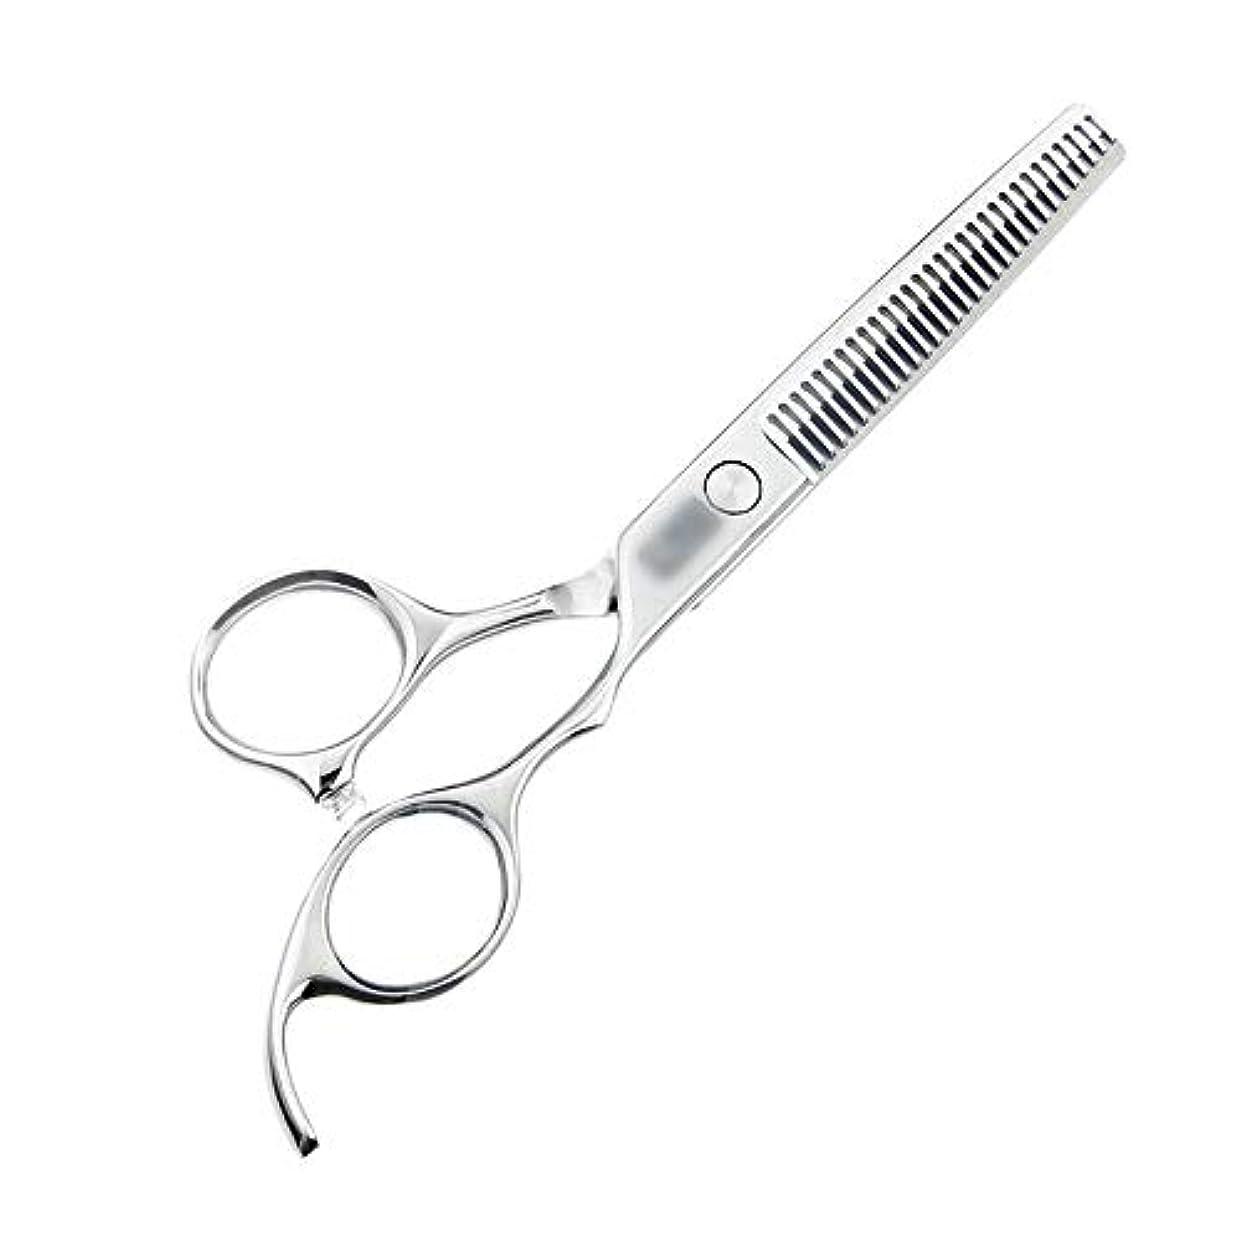 掻く揺れるホットJiaoran 6インチハイグレード440C理髪はさみ、歯の切断、間伐とカットの髪はさみ、美容院プロの理髪はさみ (Color : Silver)